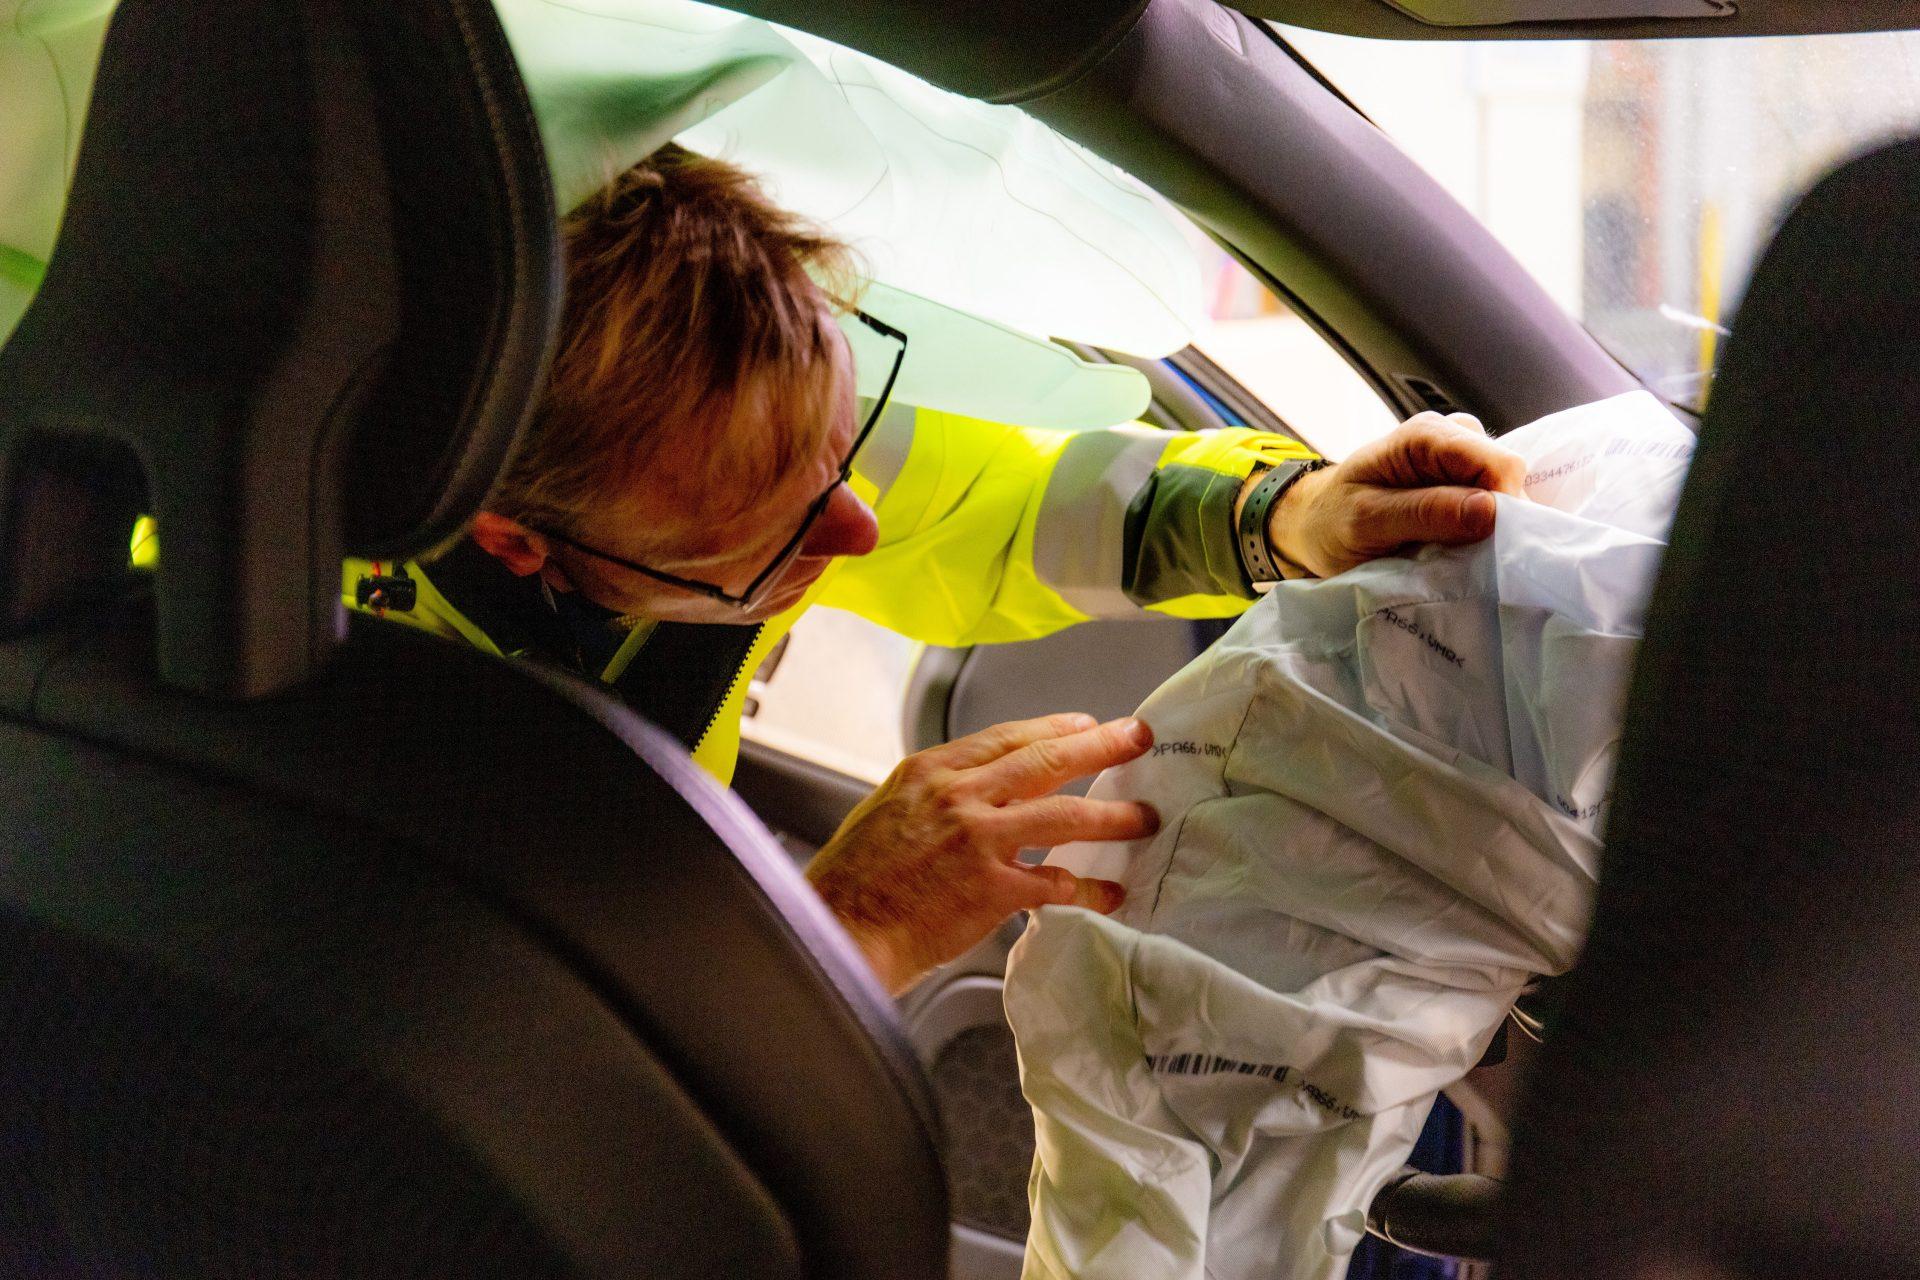 Crash Scene Investigators